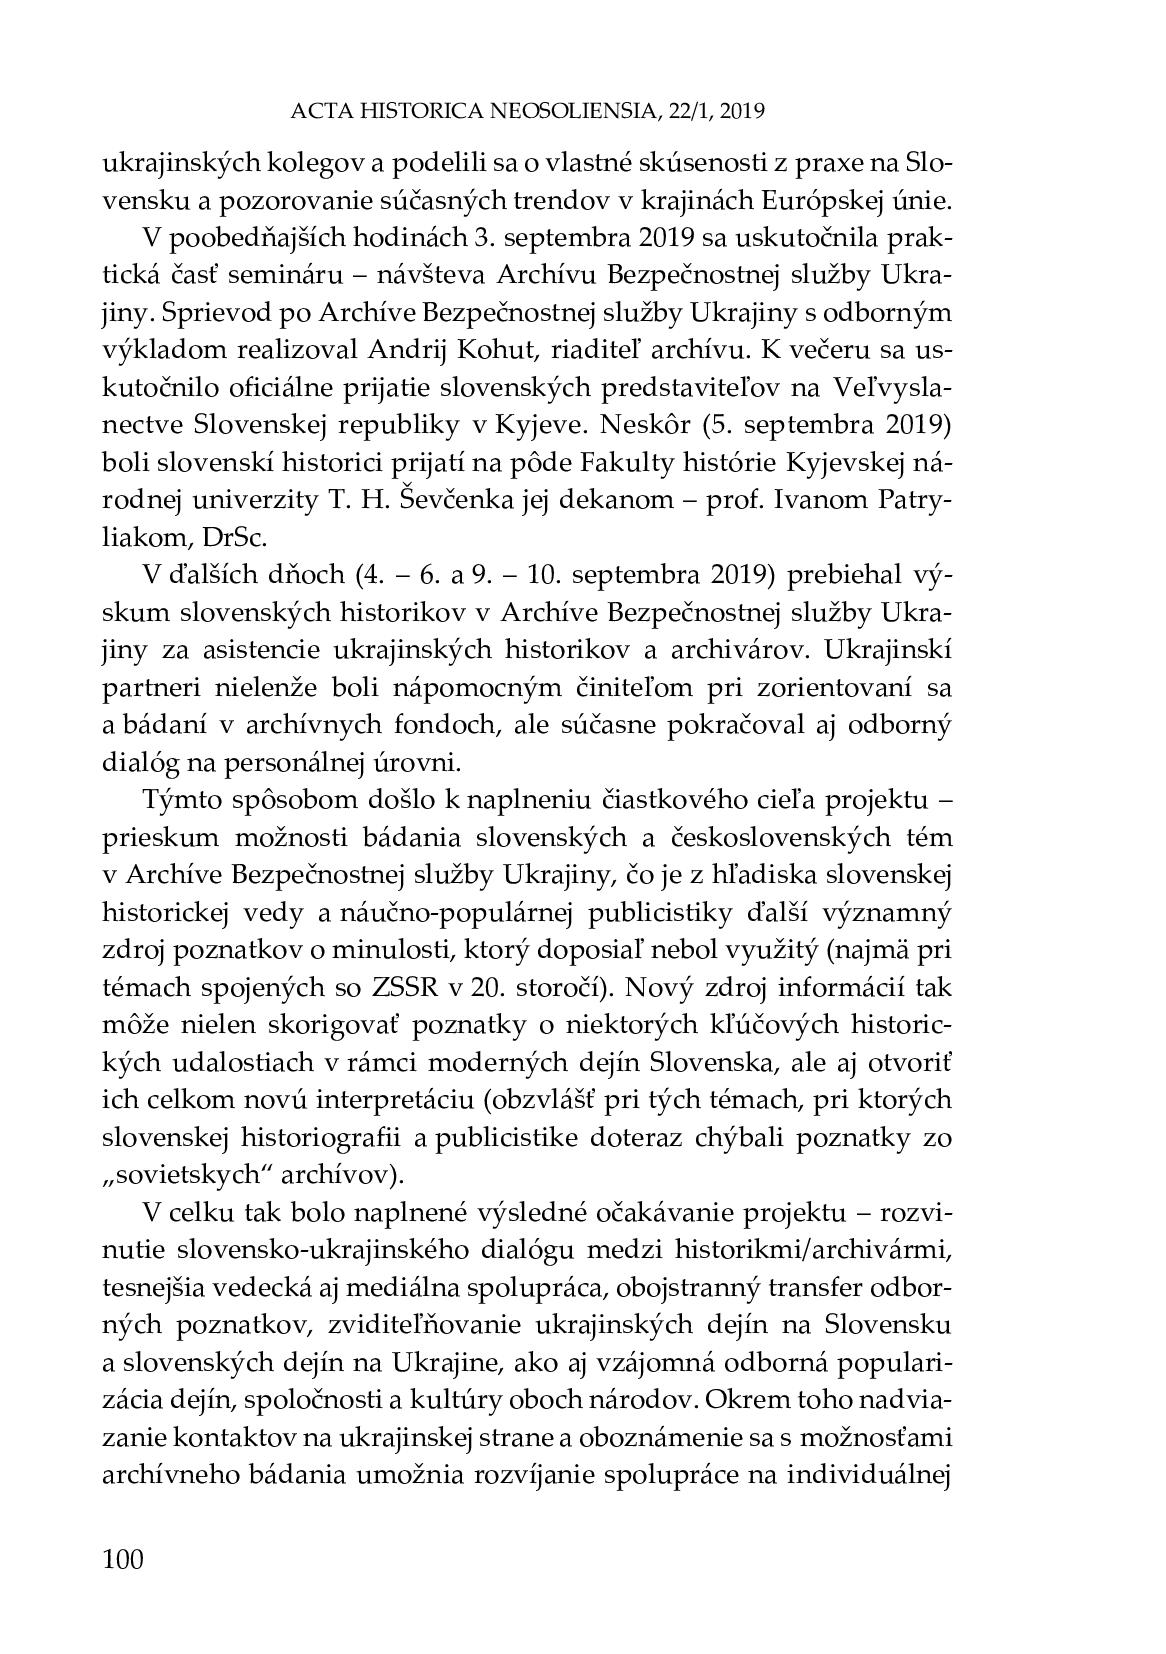 Šmigeľ - správa o projekte